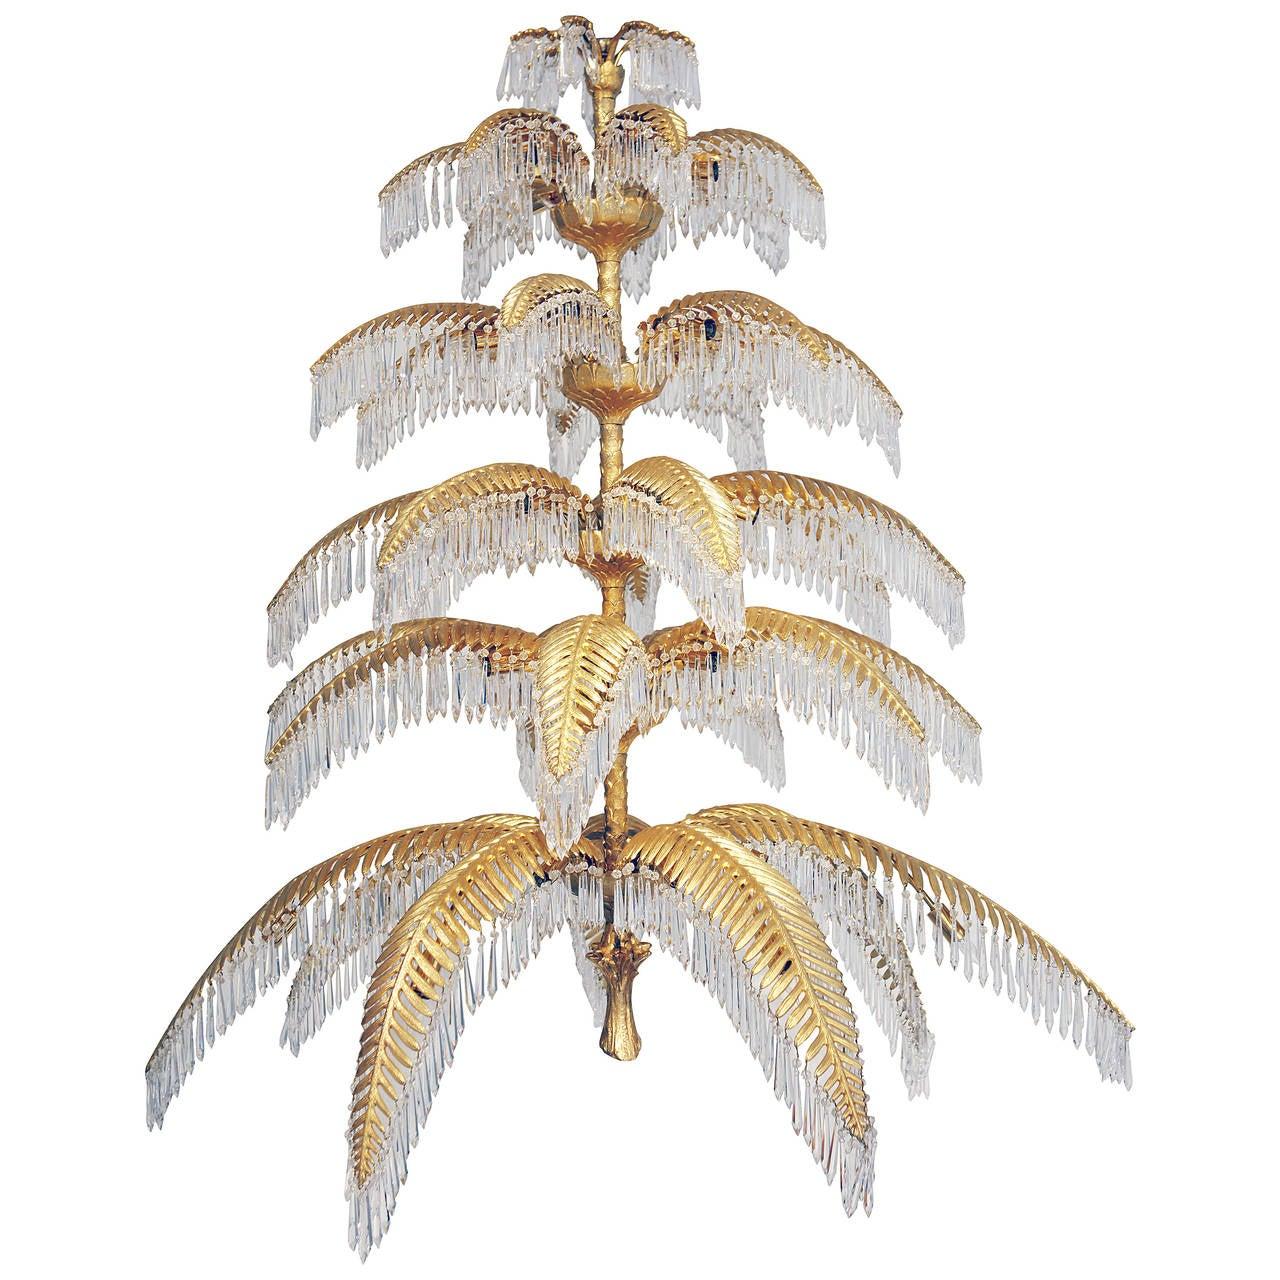 Palm tree chandelier from hoffmann bakalowitz vintage 1960s for palm tree chandelier from hoffmann bakalowitz vintage 1960s for sale aloadofball Images